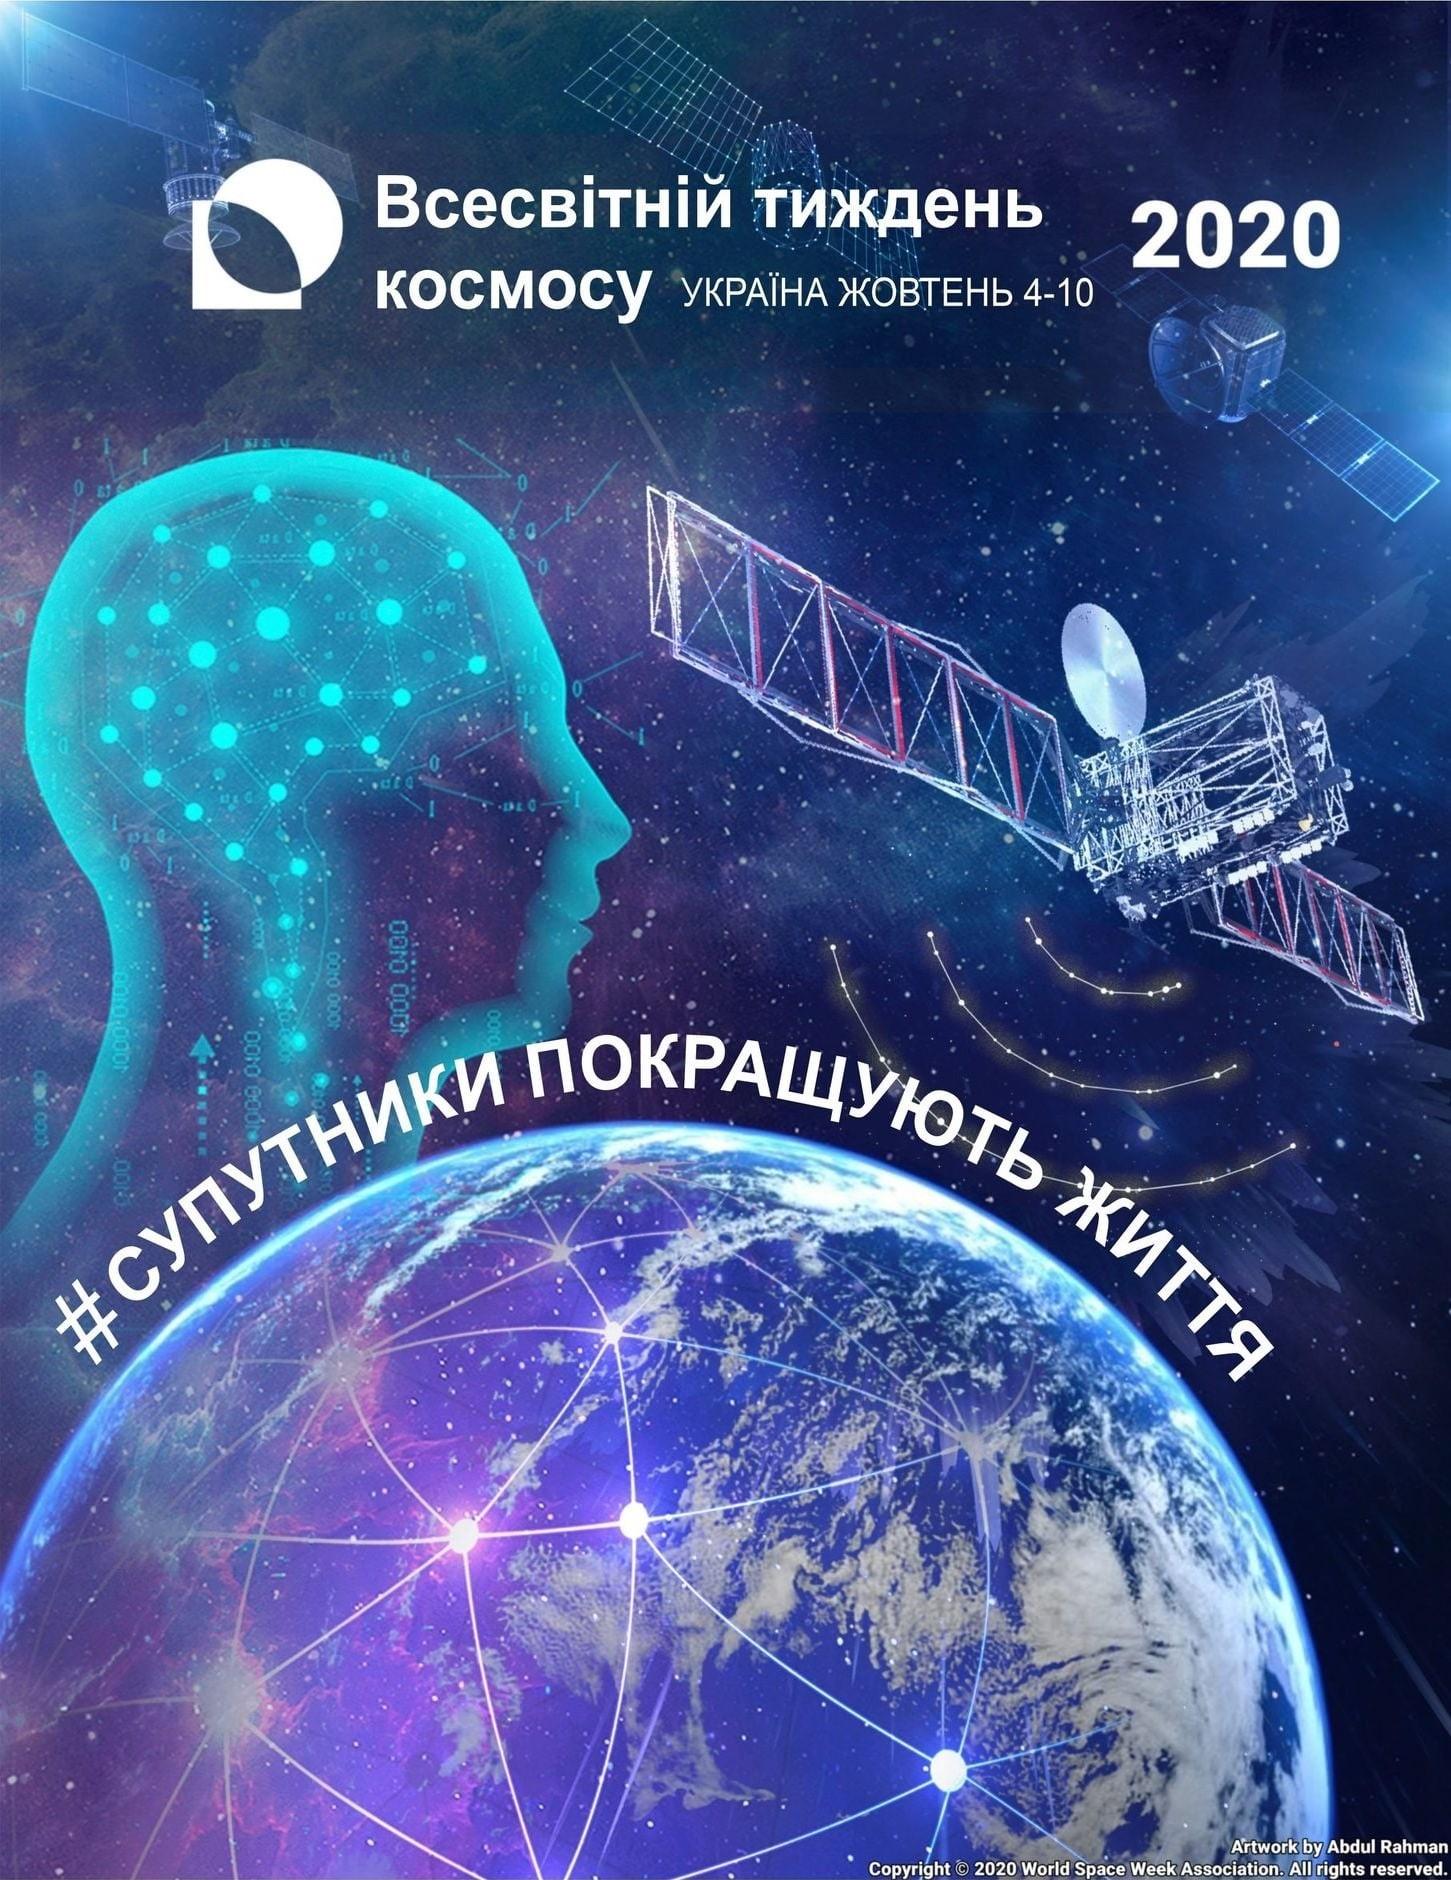 Всесвітній тиждень  космосу – 2020